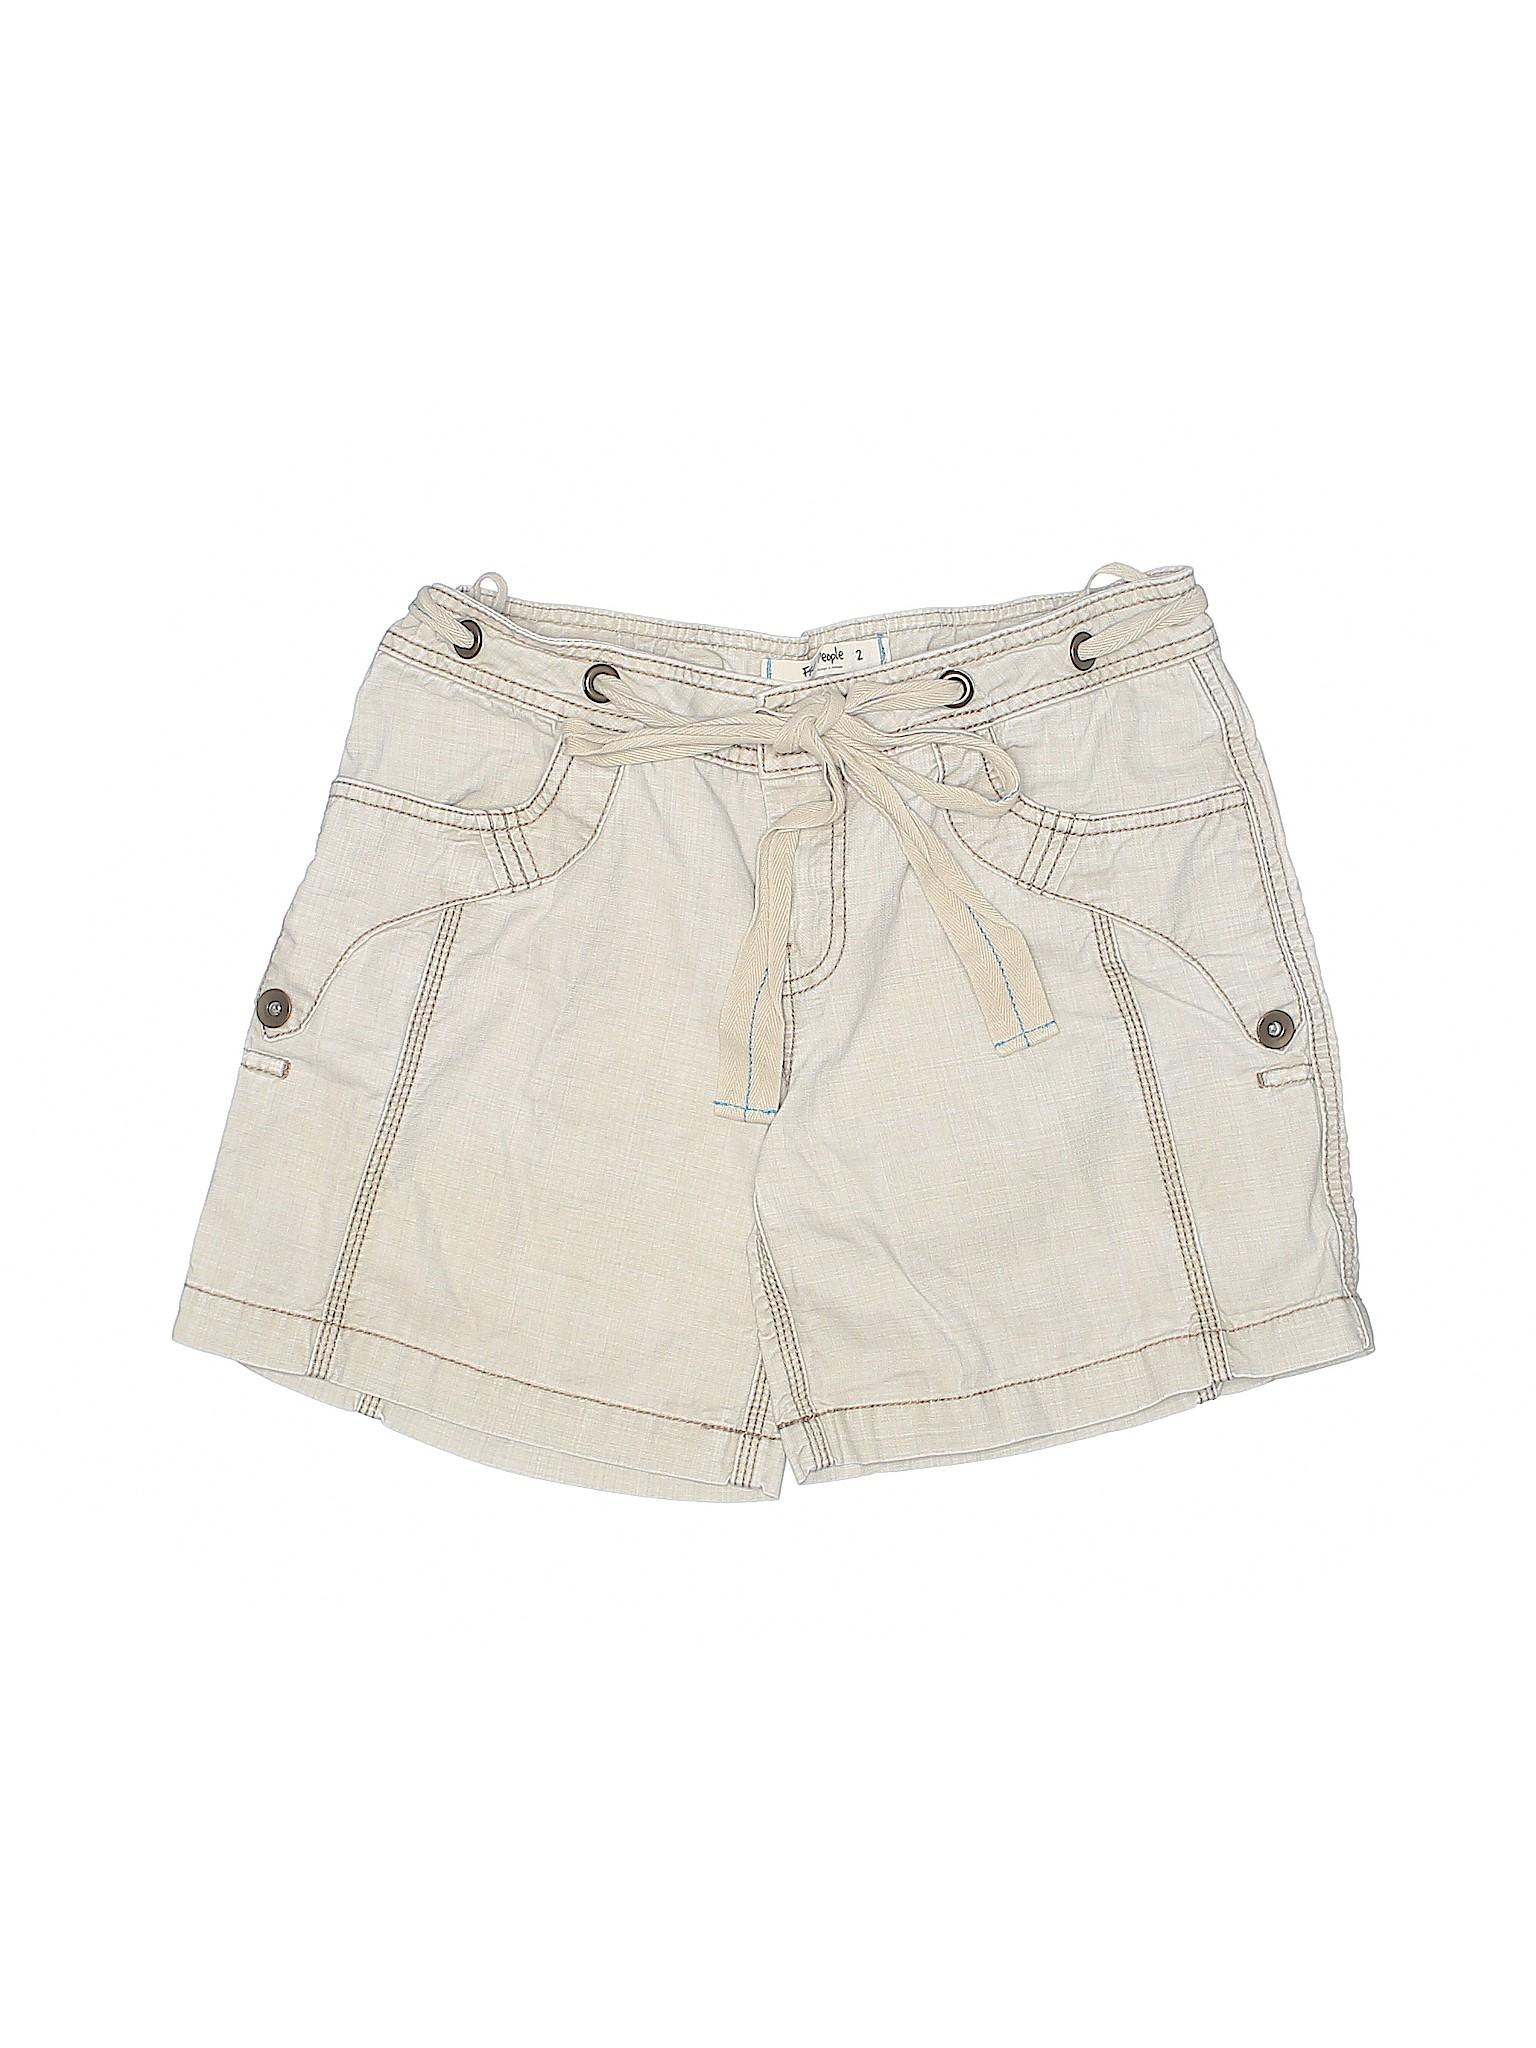 Shorts Boutique Boutique Denim Free People Free wfXZ458qx